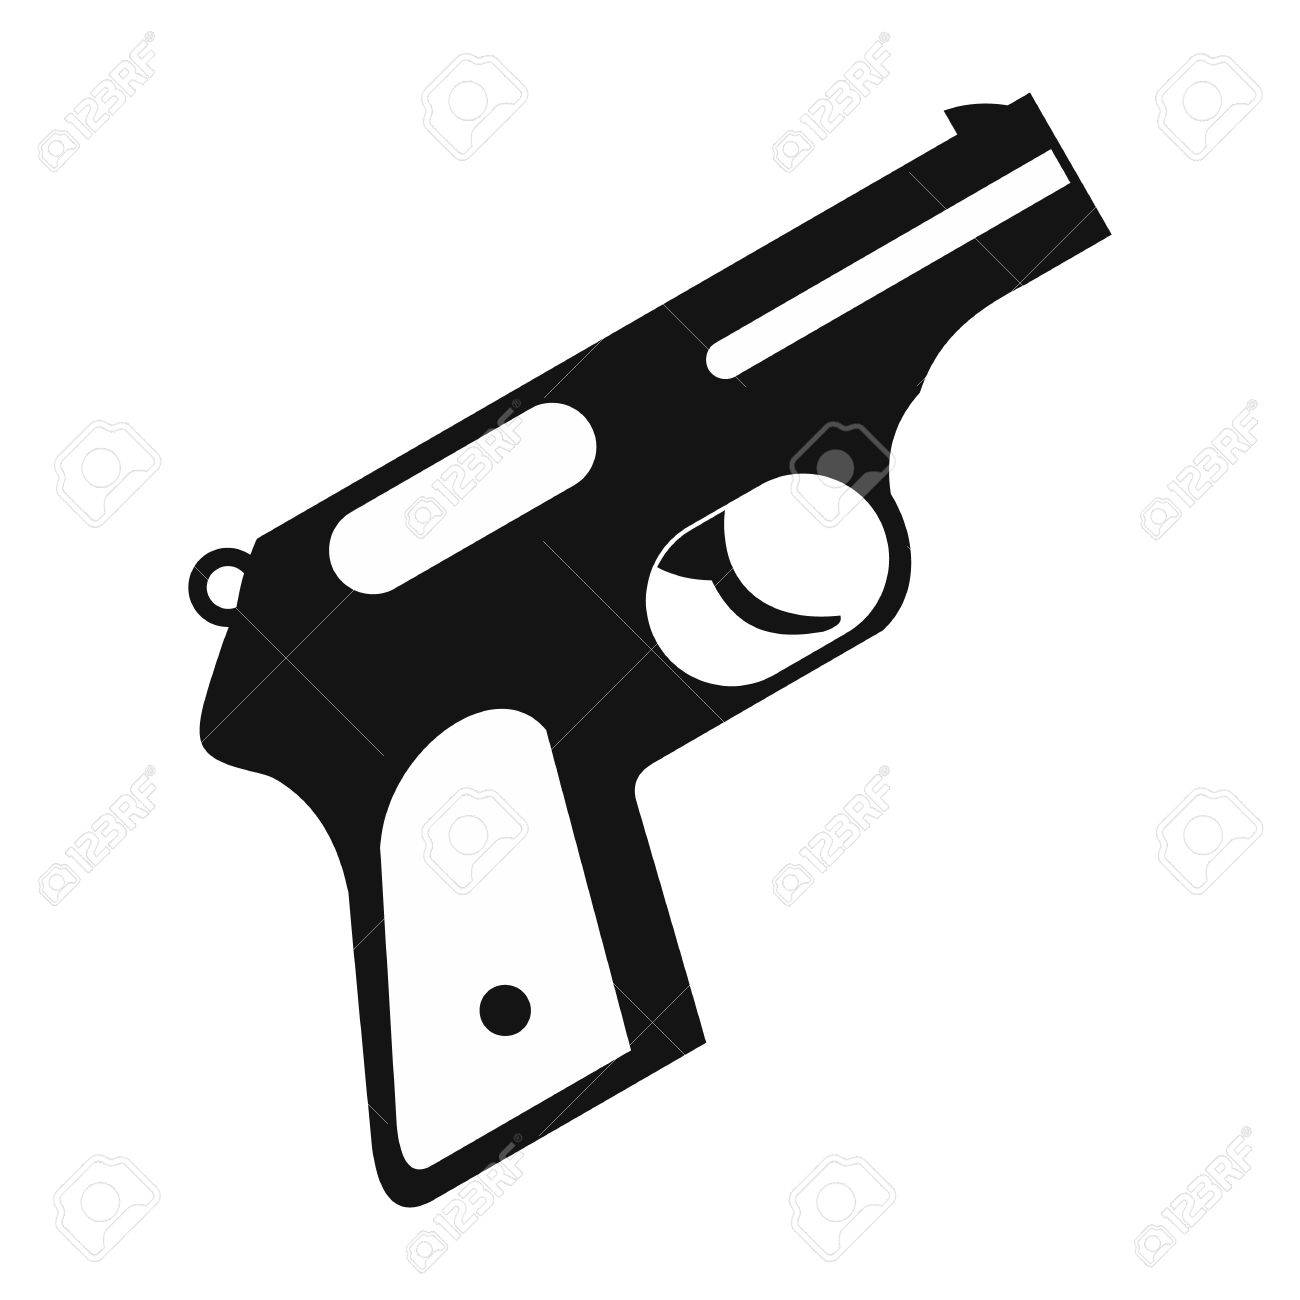 Gun black simple icon on a white background.